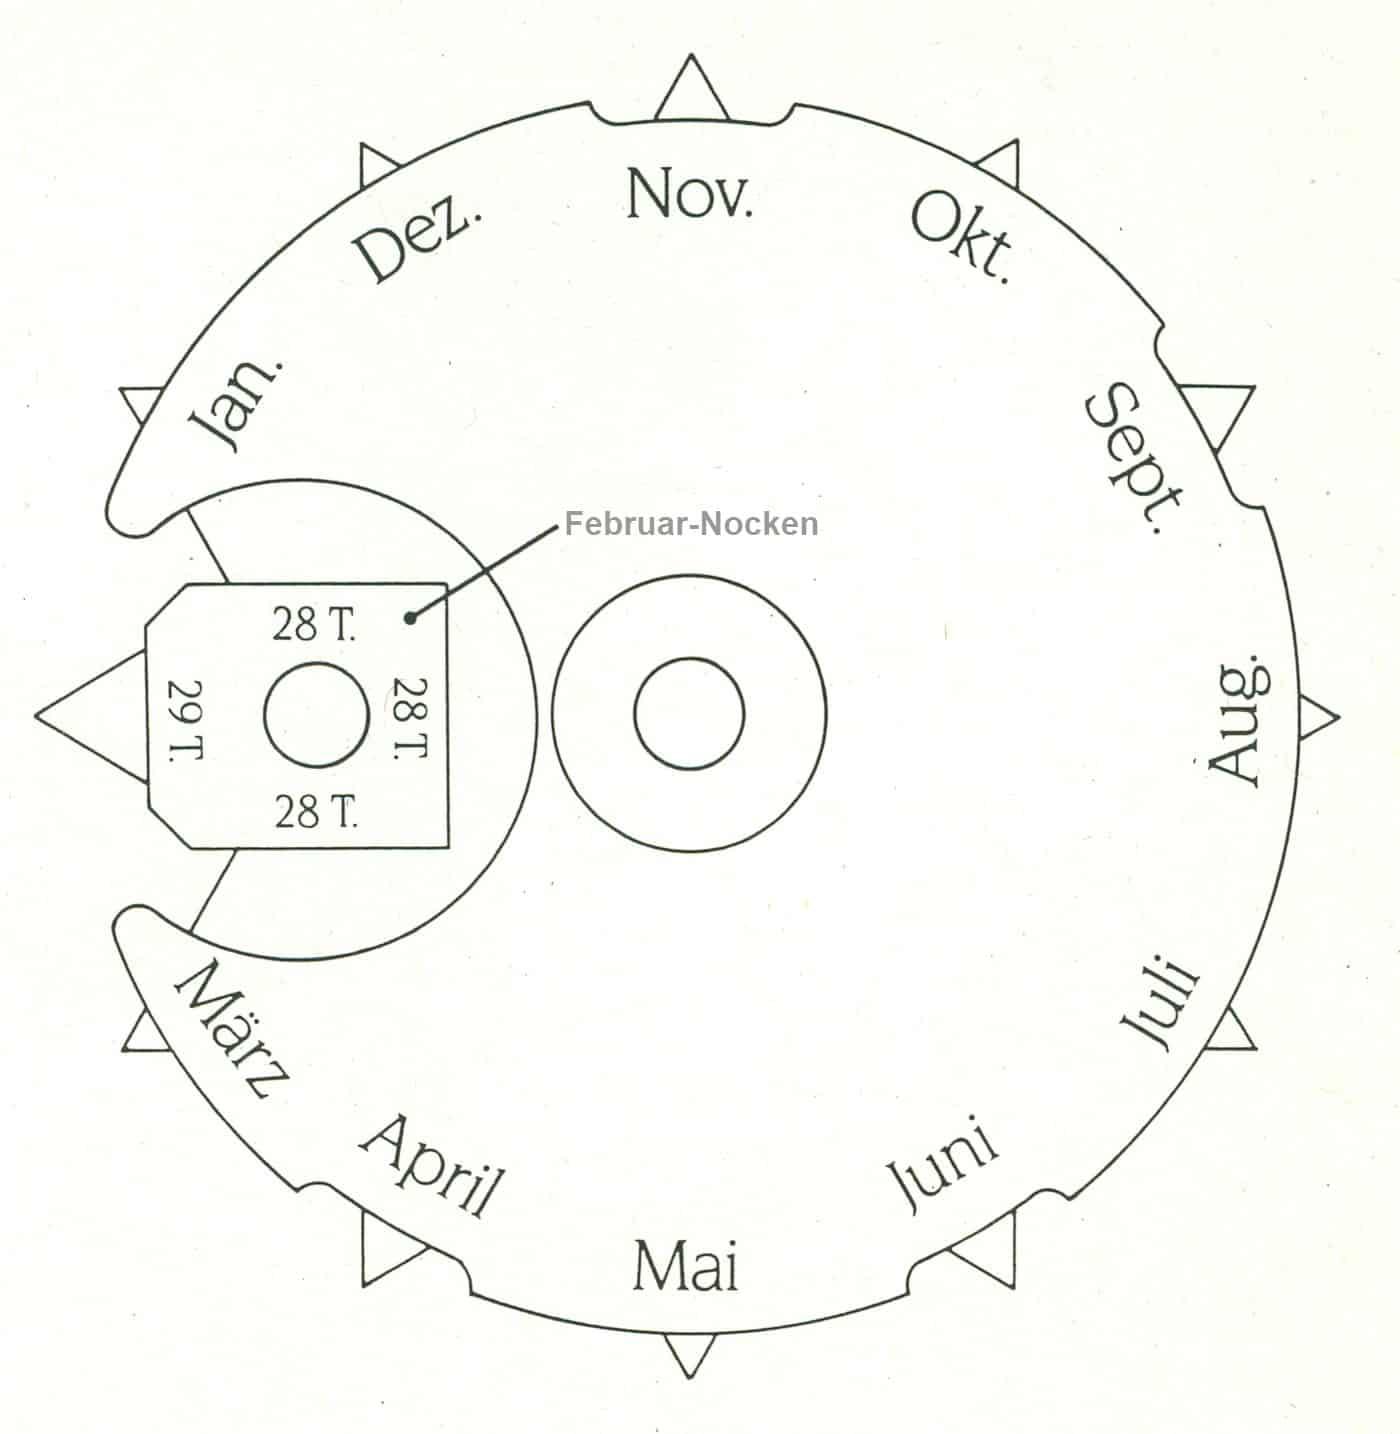 Die Monatsnockendes des ewigen Kalendariums haben unterschiedlich lange Nocken